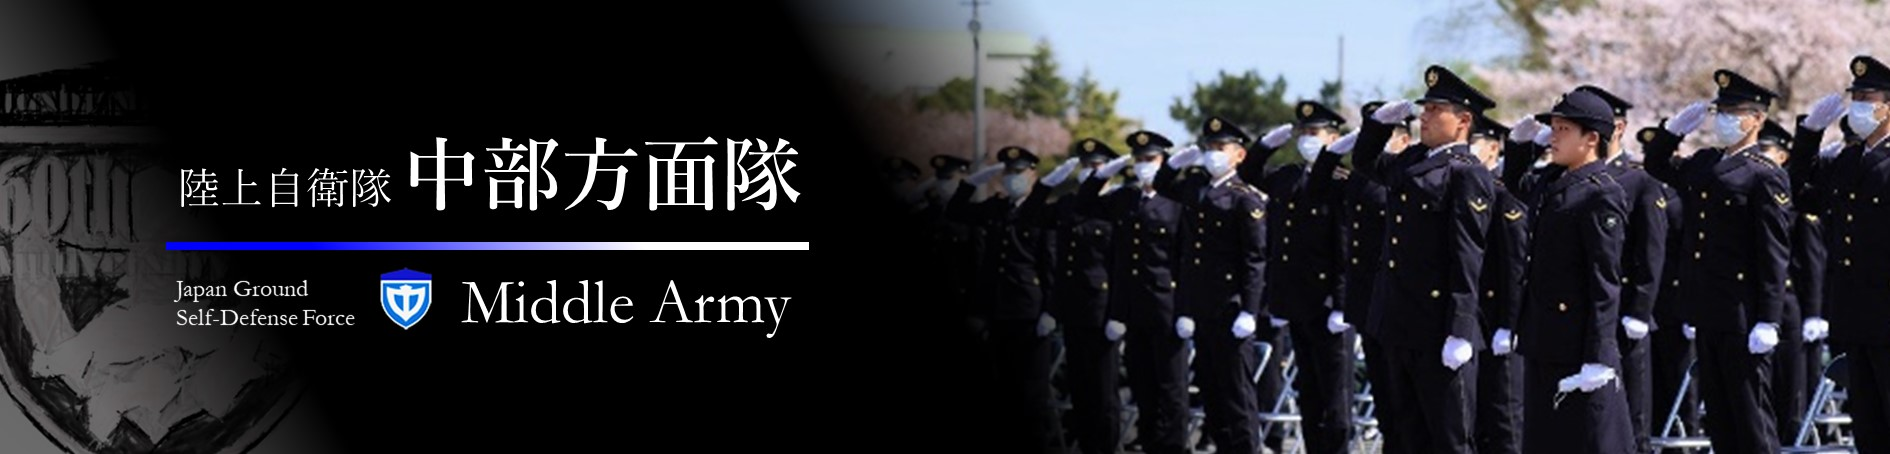 陸上自衛隊 幹部名簿